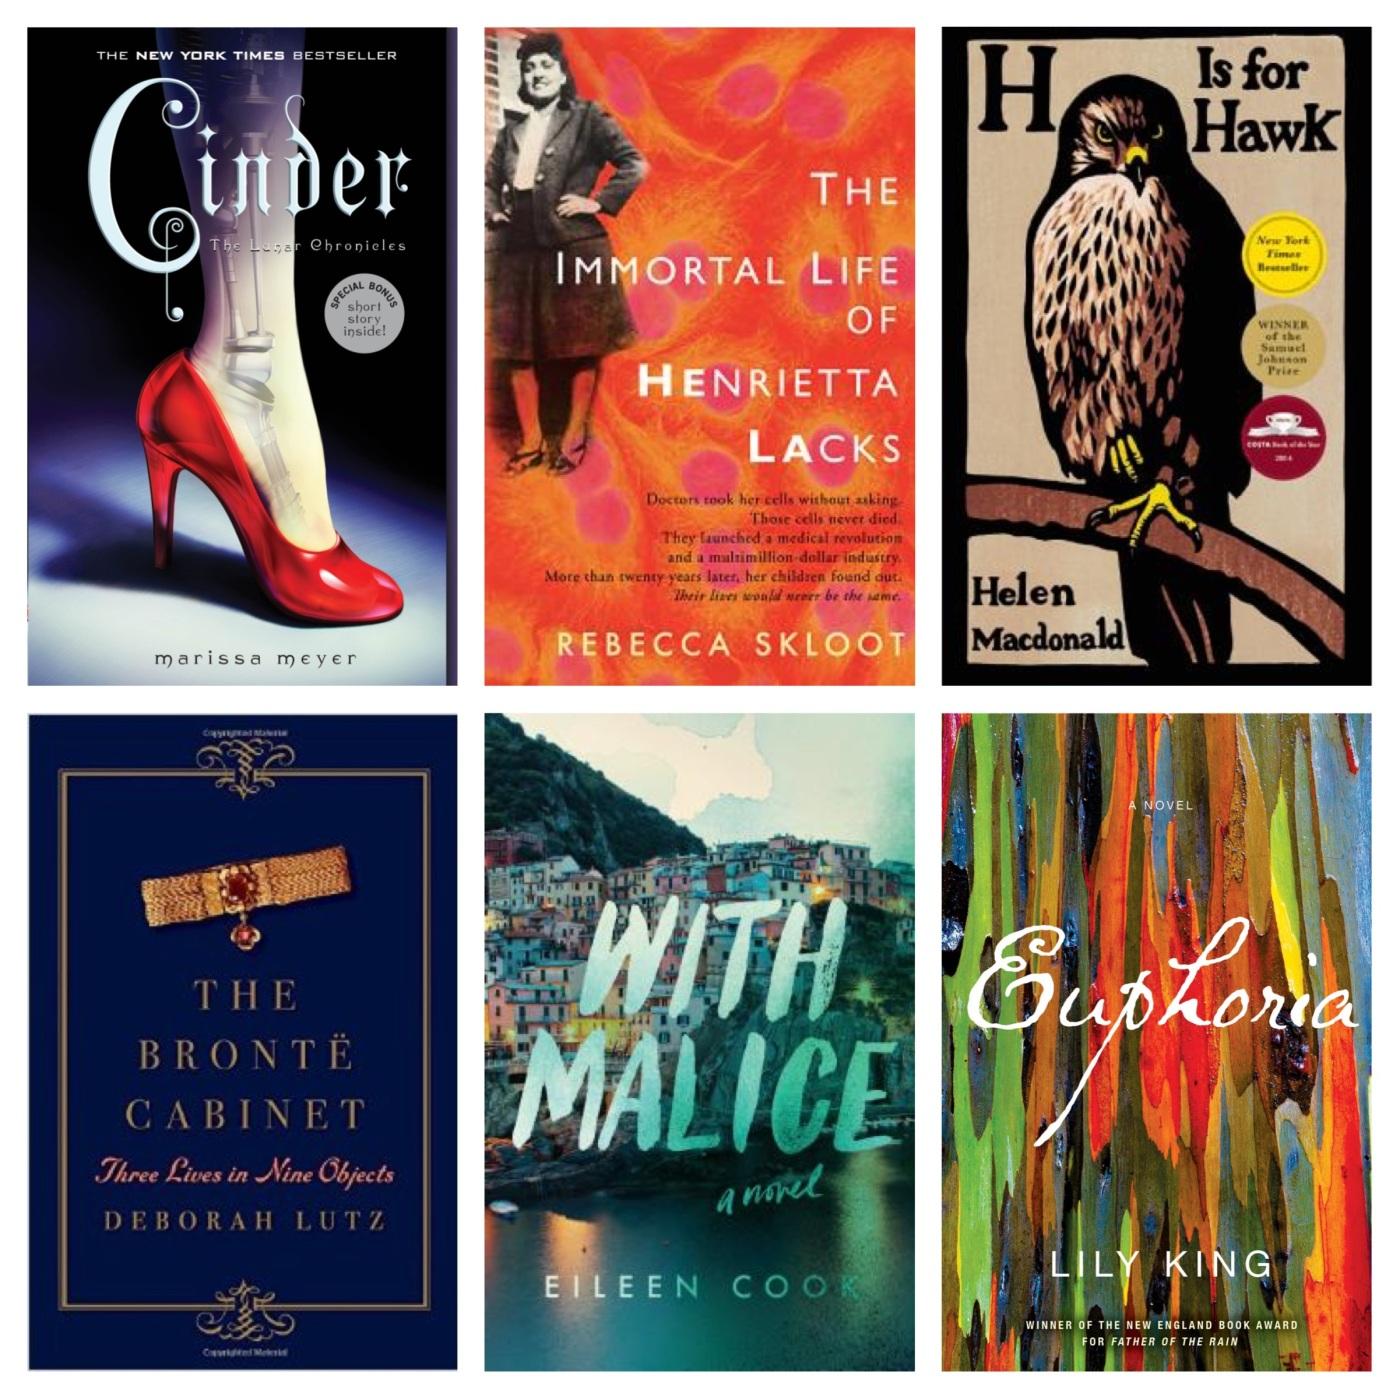 Acquired Books April 2016